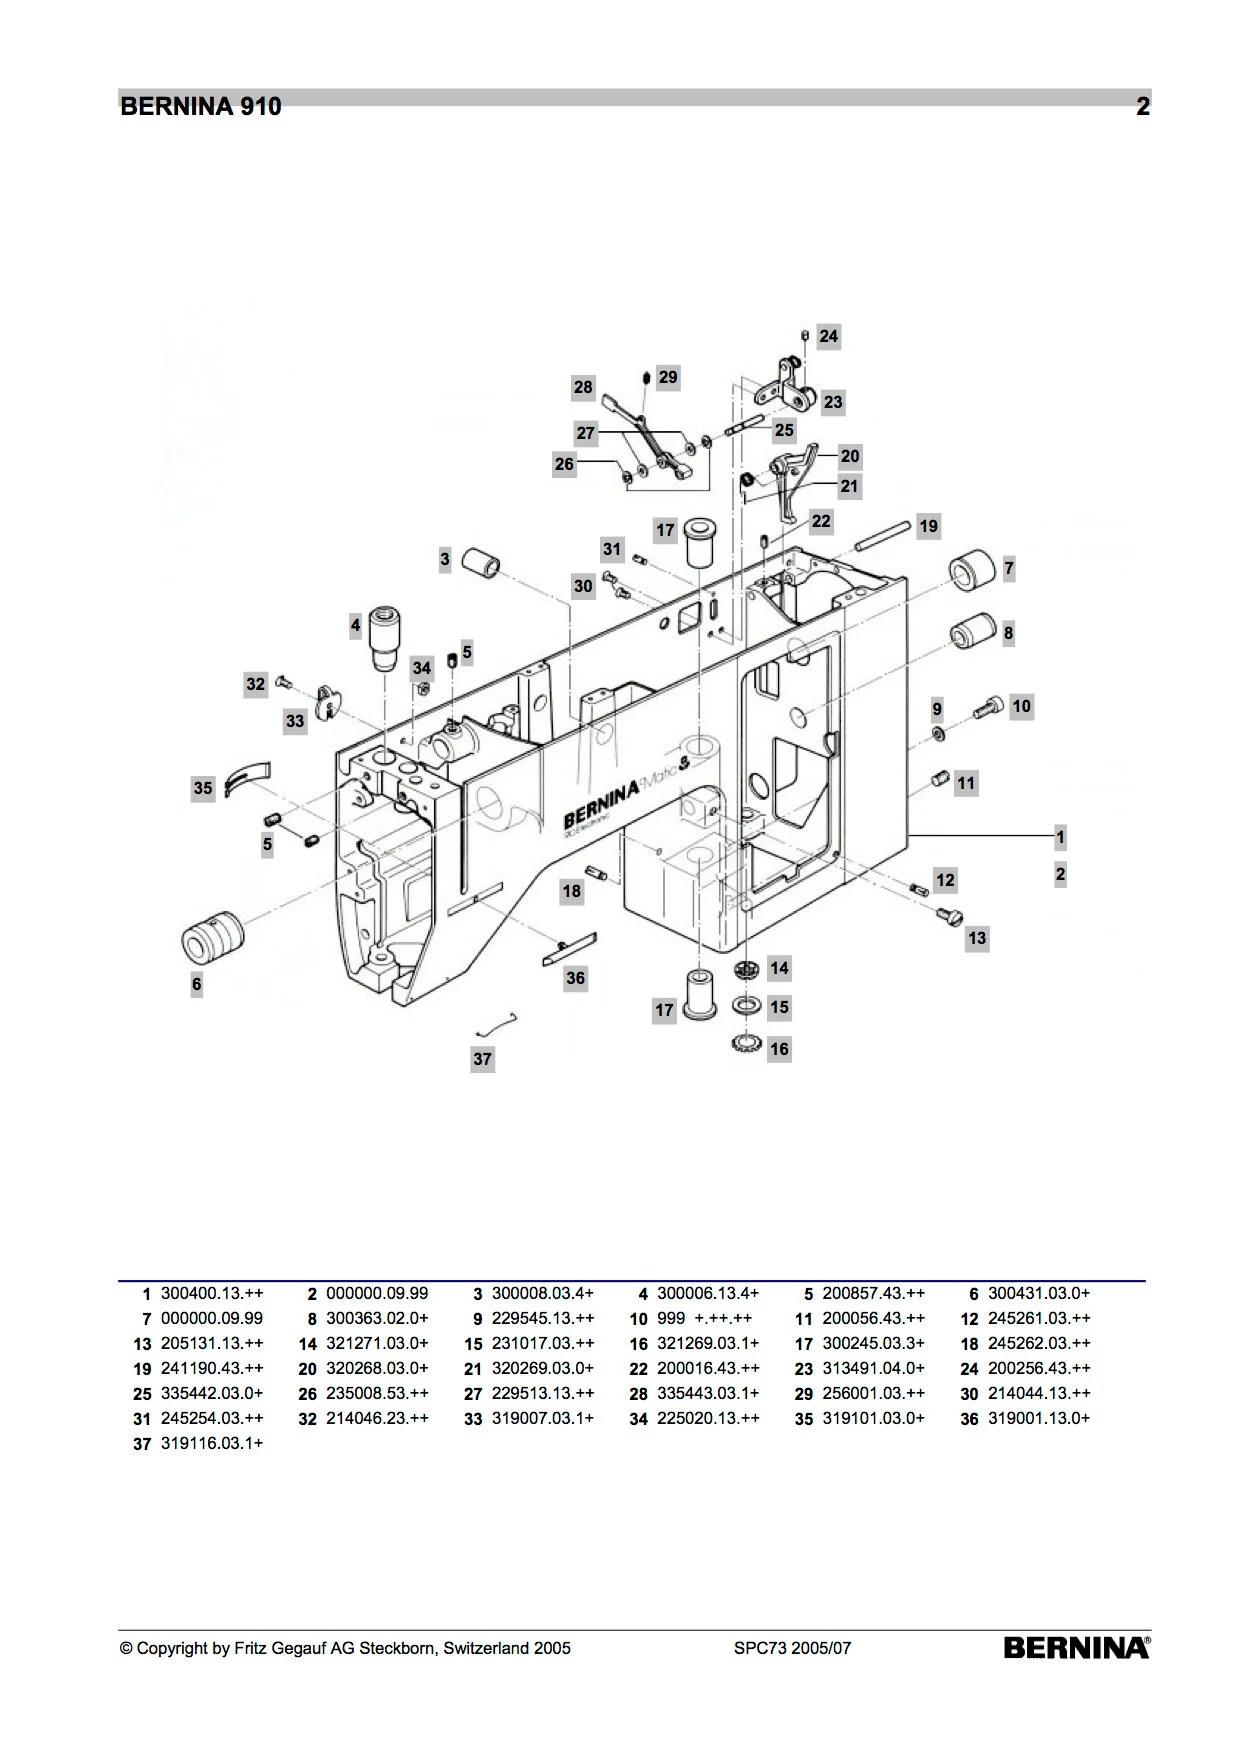 BERNINA Matic 910 Electronic Sewing Machine Service Manual